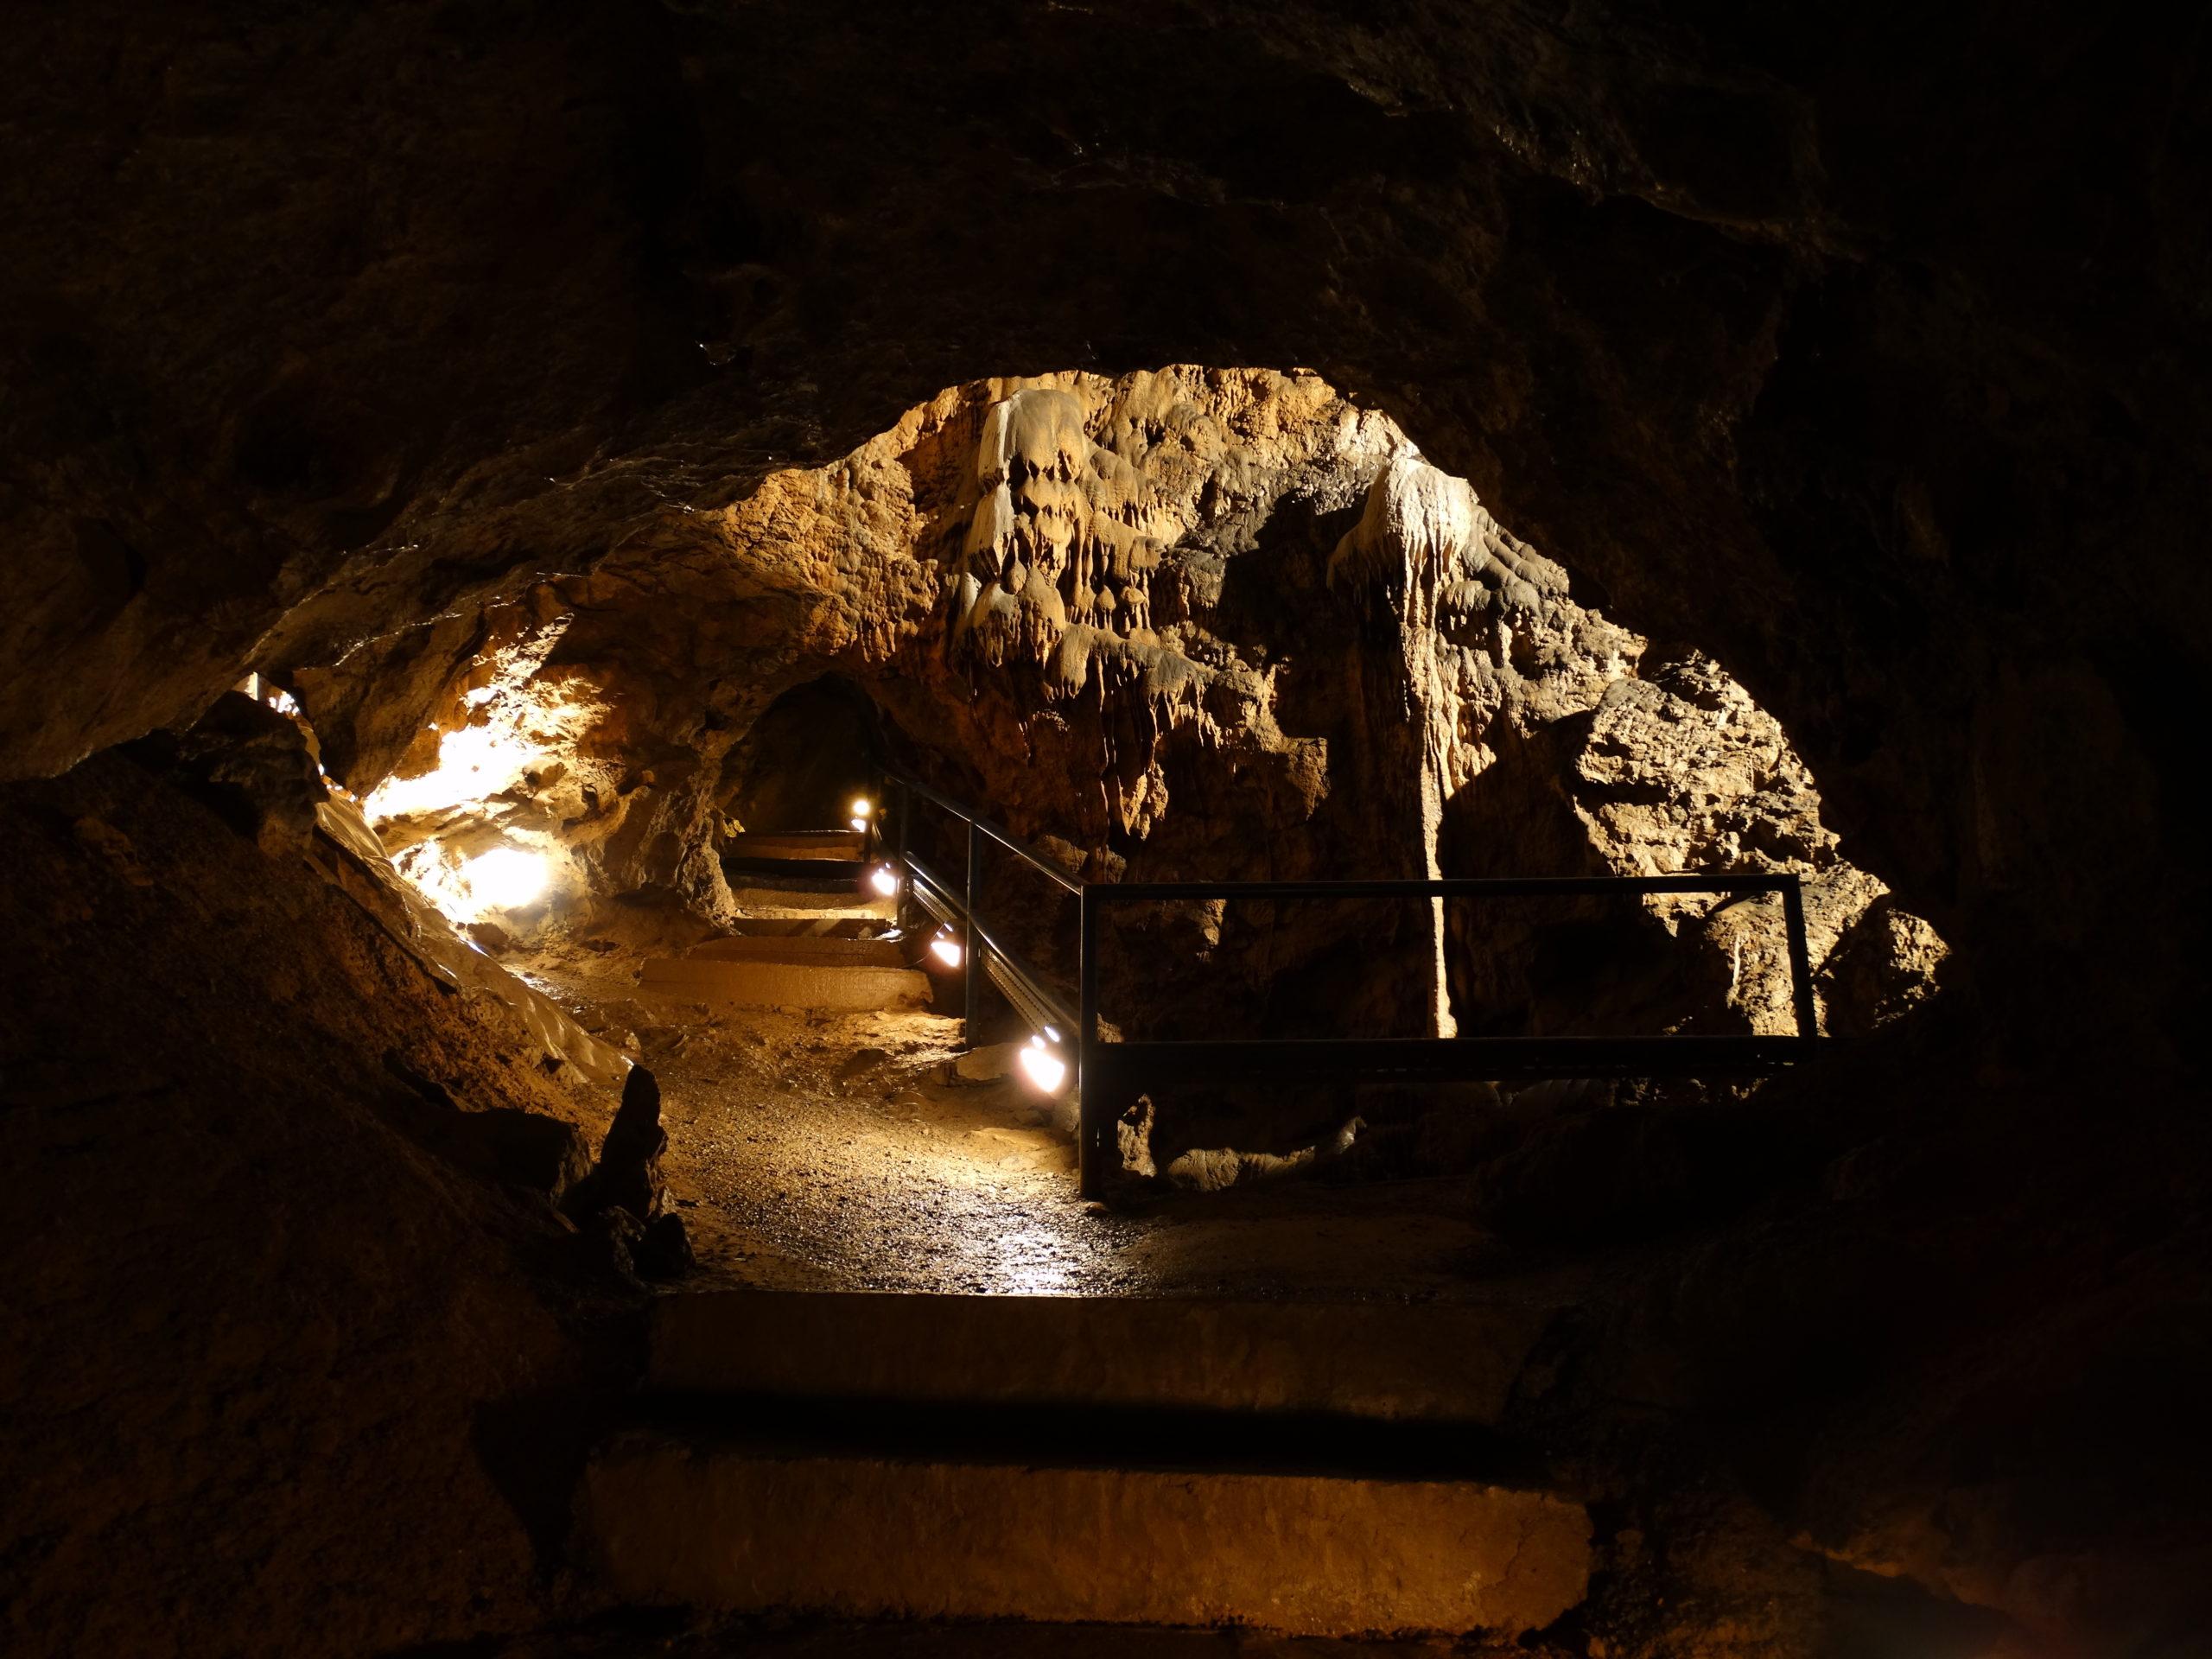 Grotte de Comblain - Salle du Mammouth ©Deplancke Michael